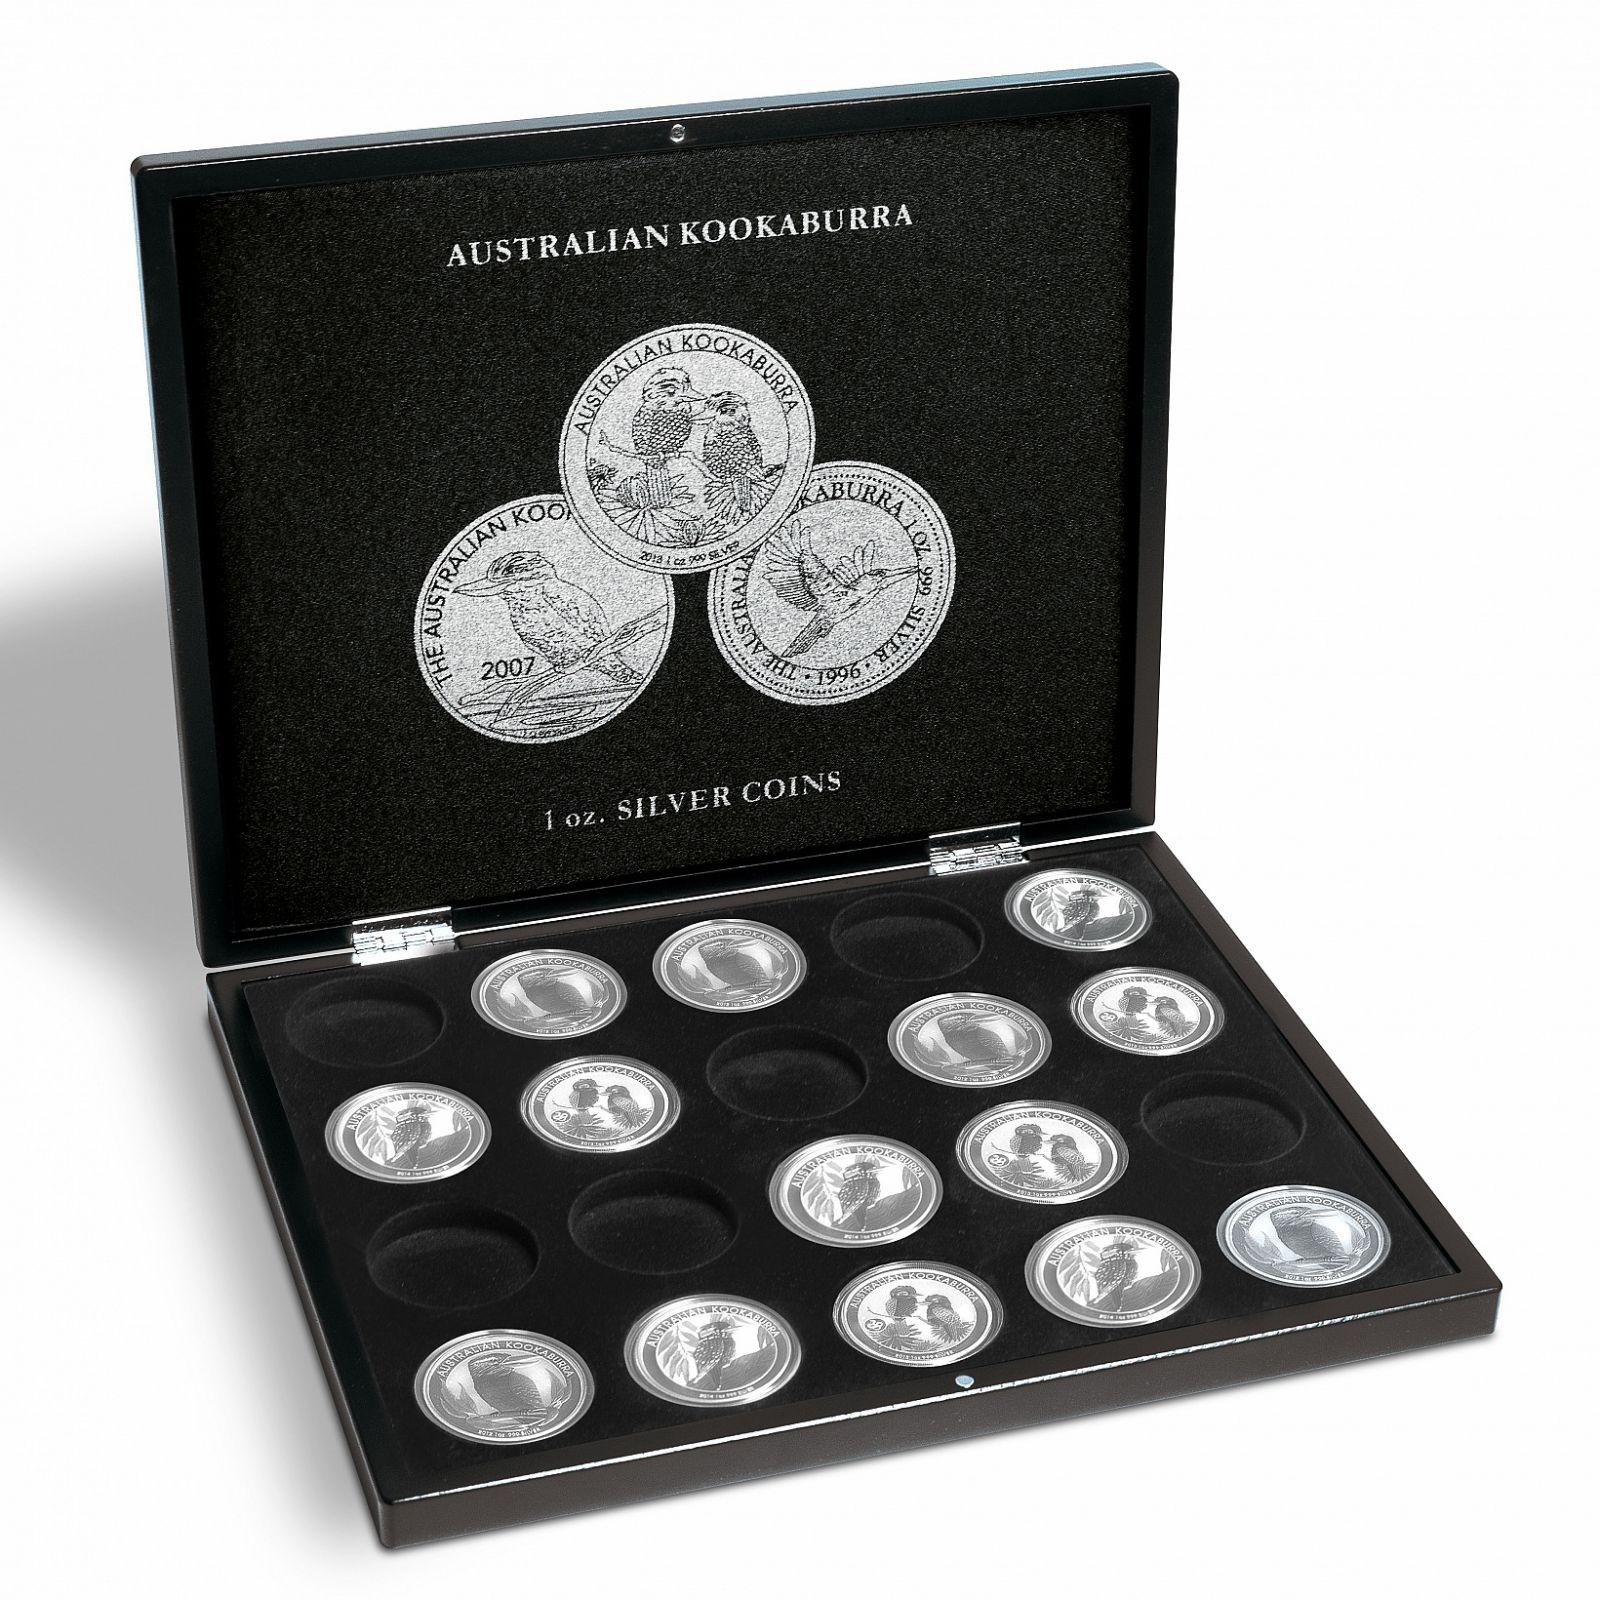 """Mincovní kazeta Volterra pro 1 oz """"Australian Kookaburra """"  20 ks stříbrných mincí"""